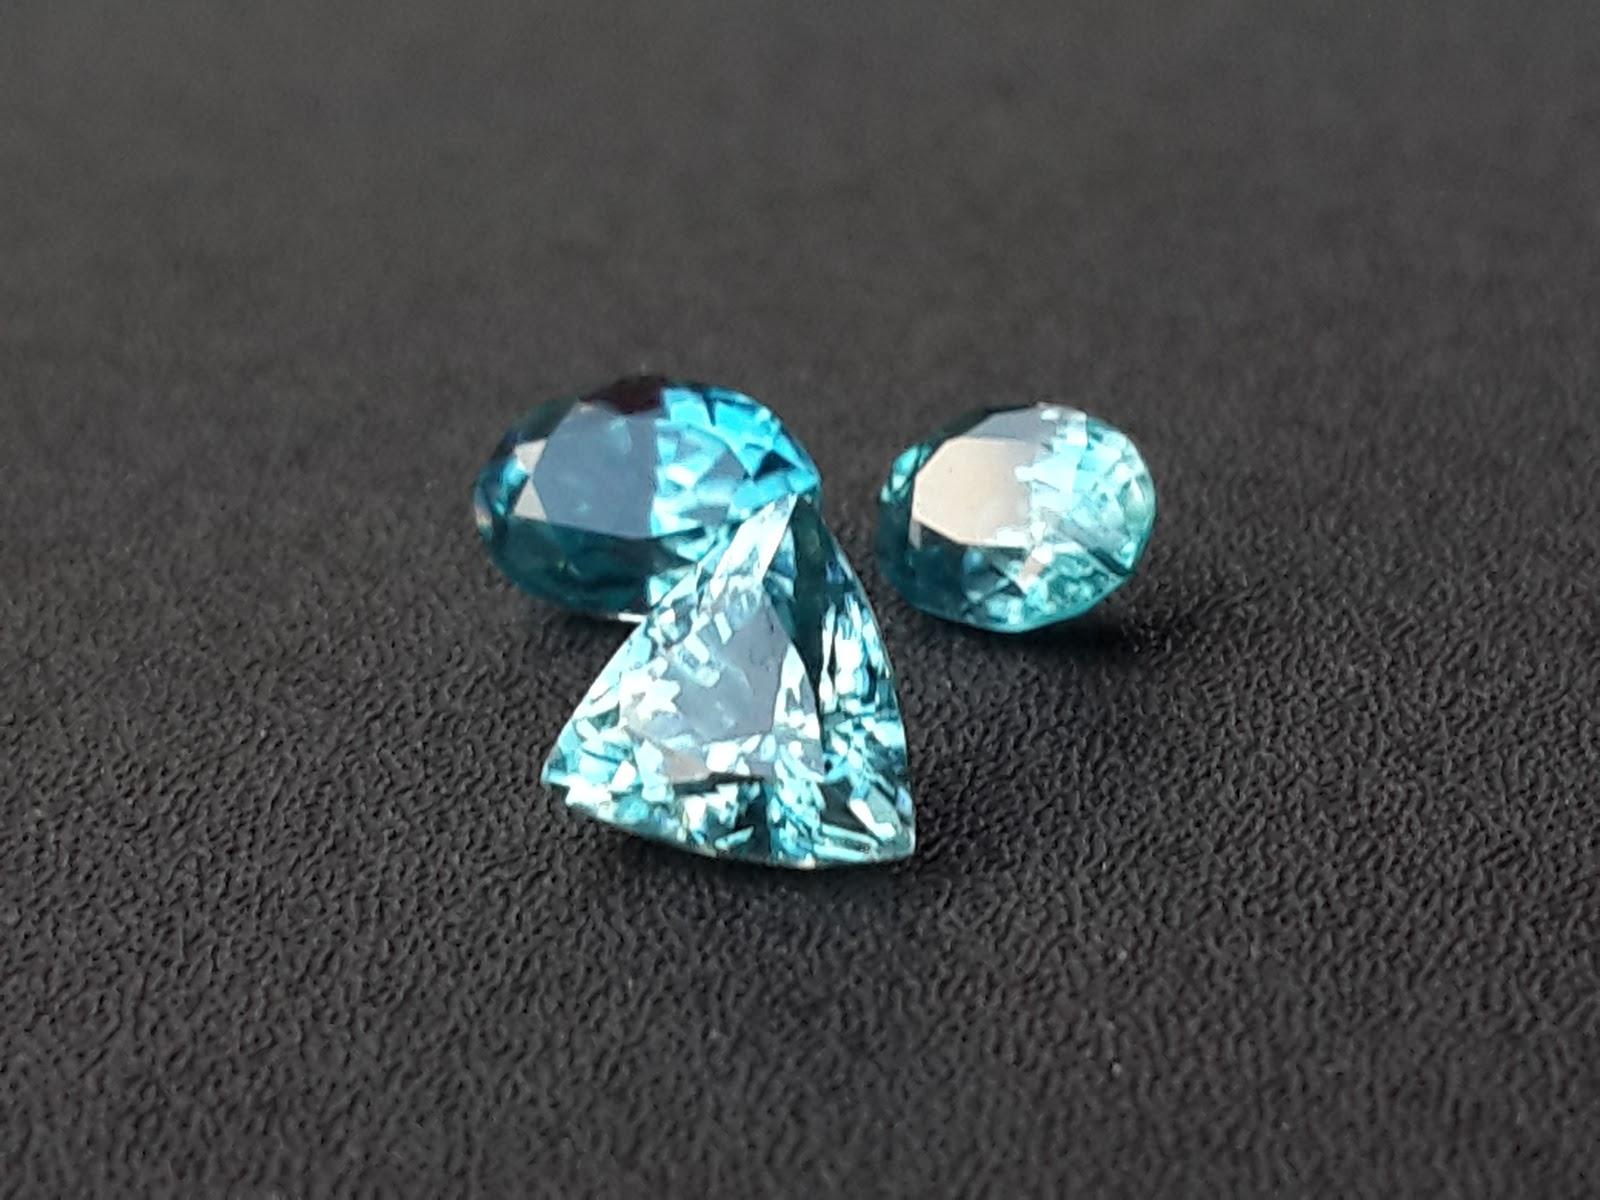 Đá Zircon là gì? Những bí mật ít biết về đá Zircon 1